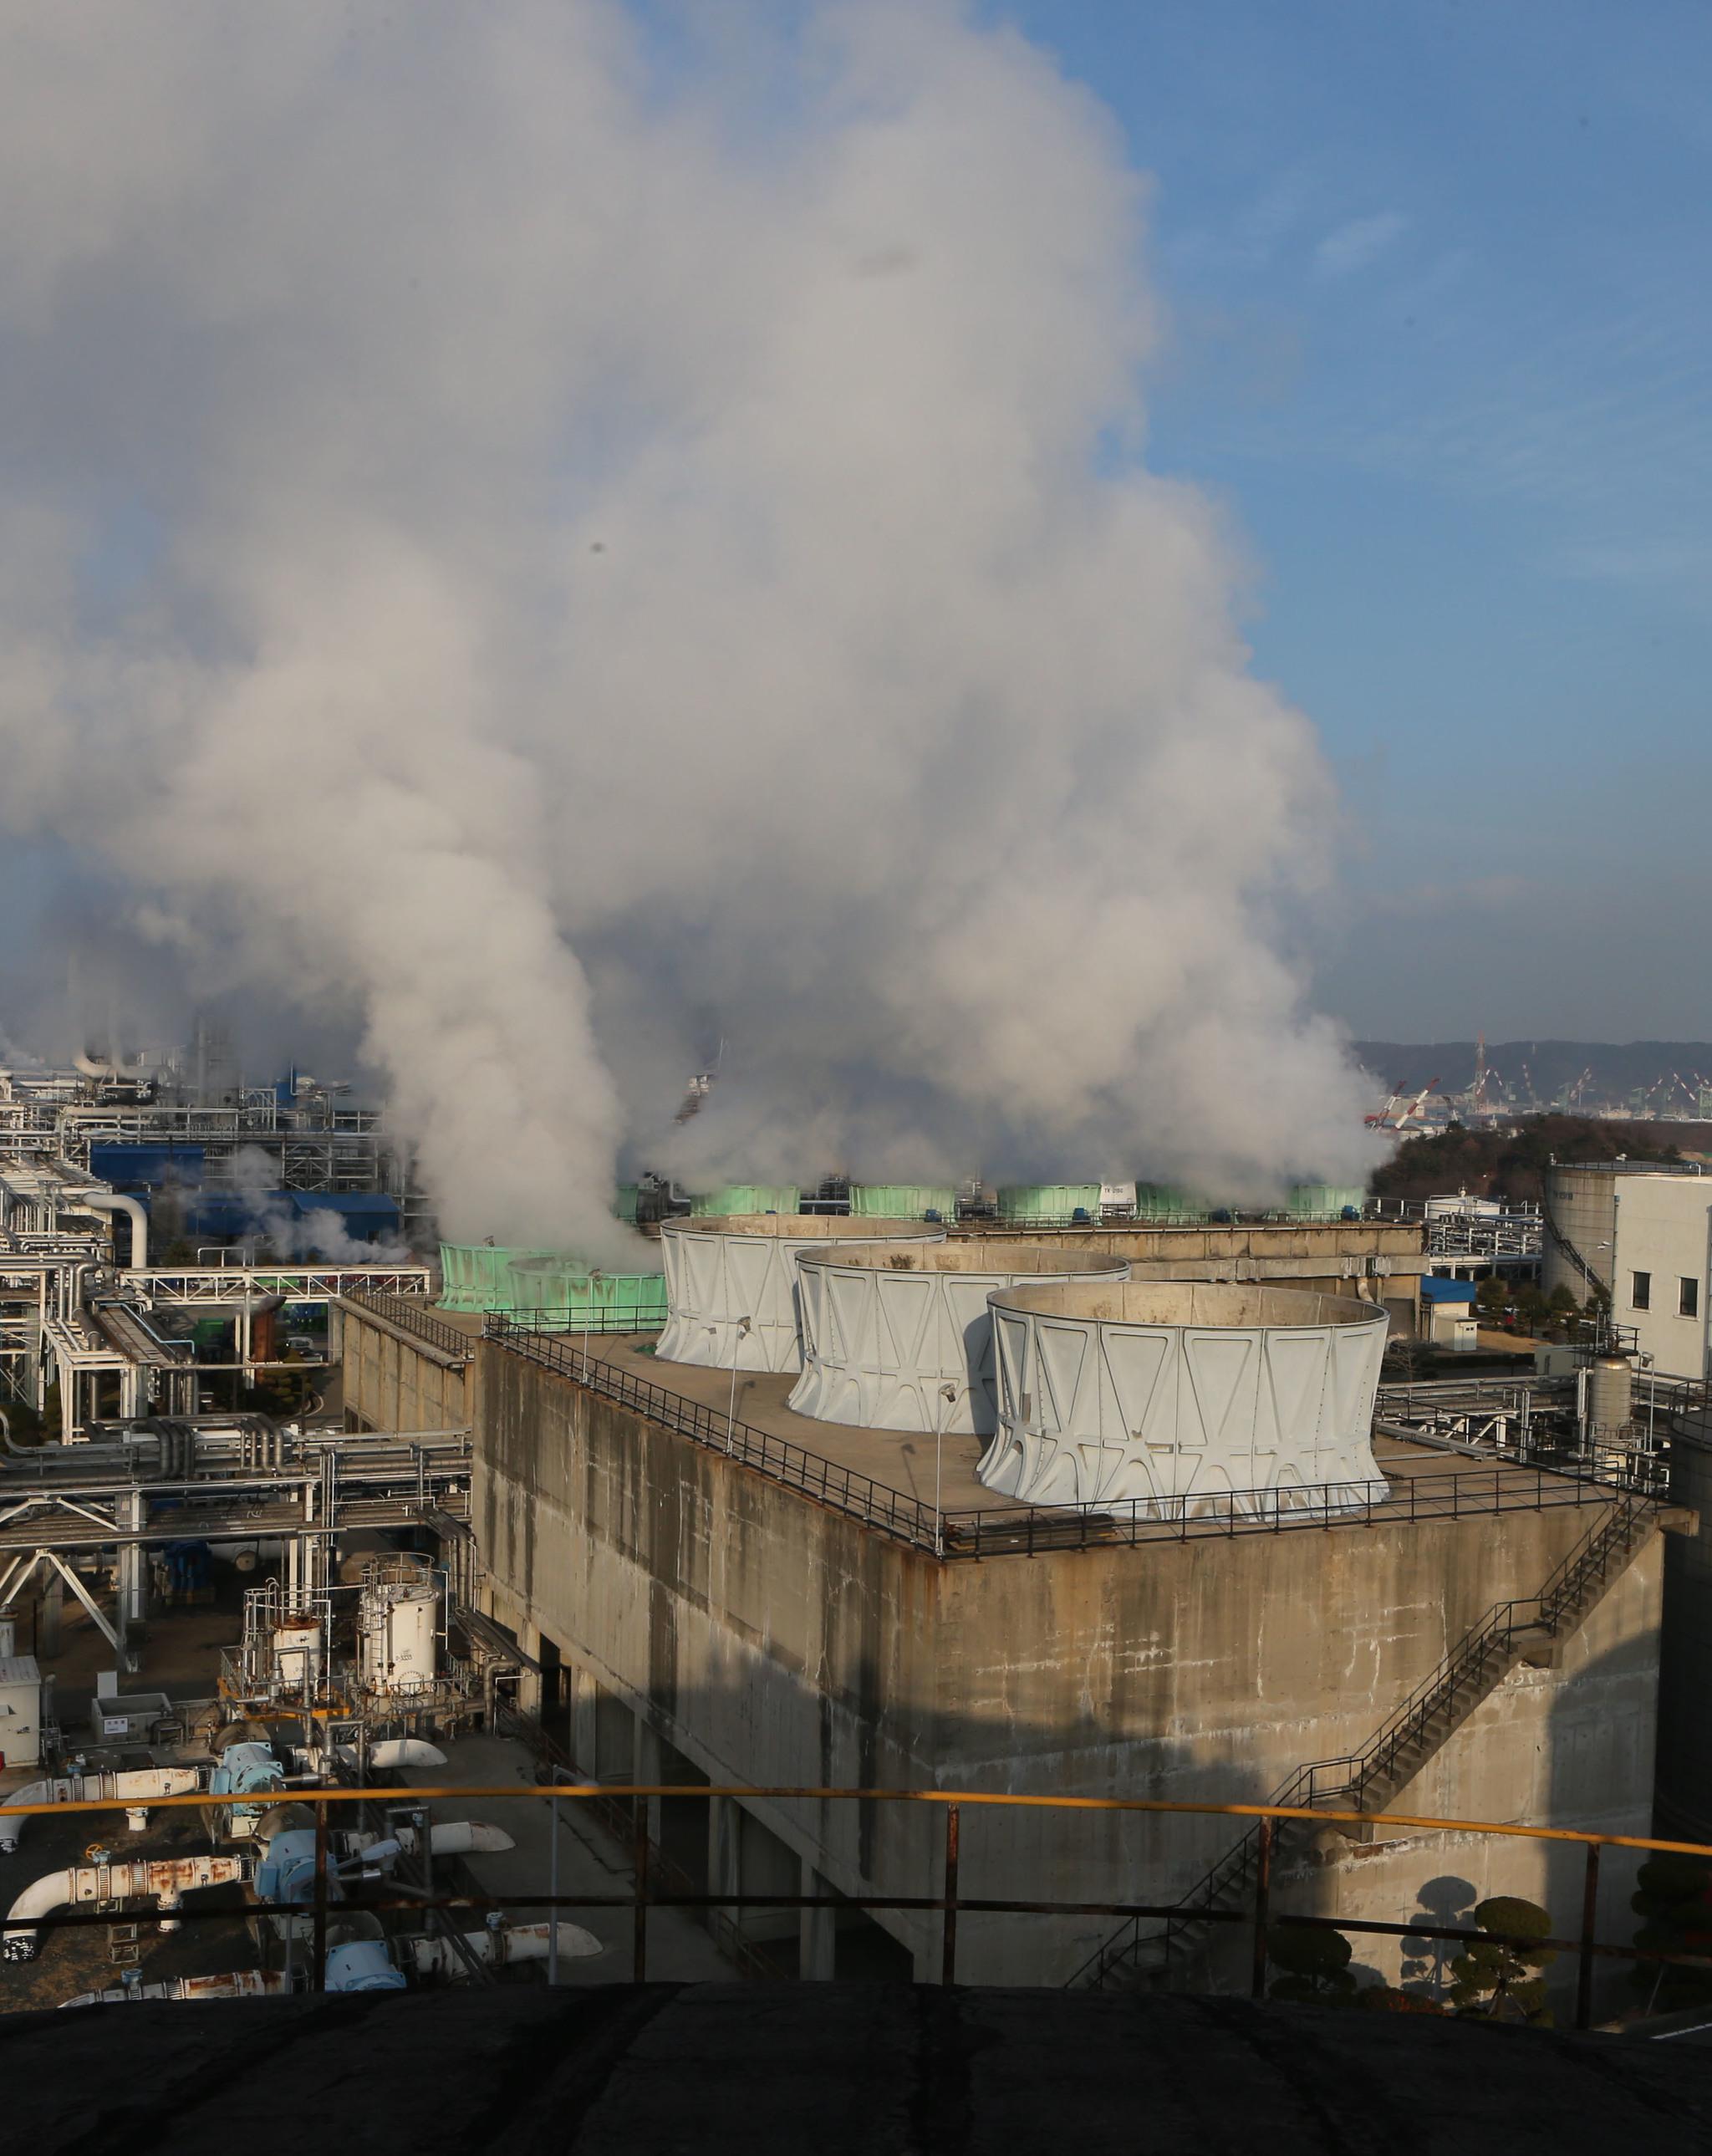 사진은 울산 석유화학공단. 이르면 2019년 부산·울산권역, 여수·광양·순천권역에 '대기오염 총량 관리'가 시행된다. 대규모 공장별로 배출할 수 있는 대기오염 물질 총량이 할당돼 이를 넘기면 다른 공장에서 배출권을 사야 한다.[중앙포토]